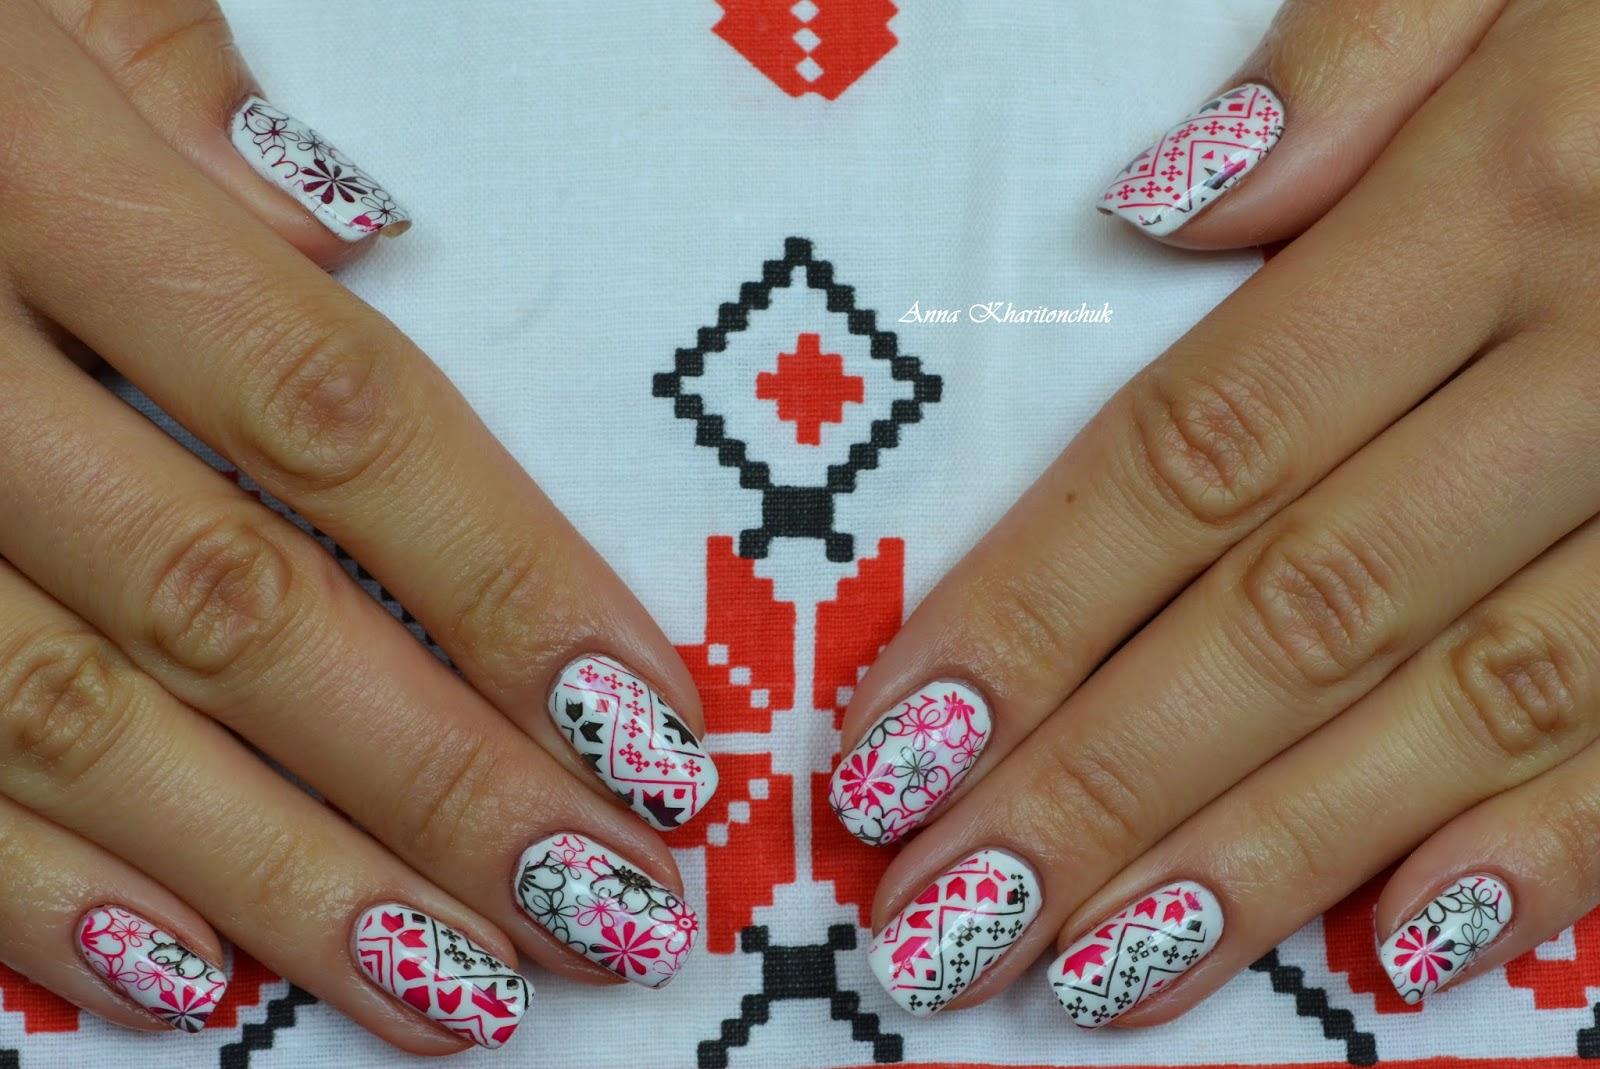 Украинская символика на ногтях фото